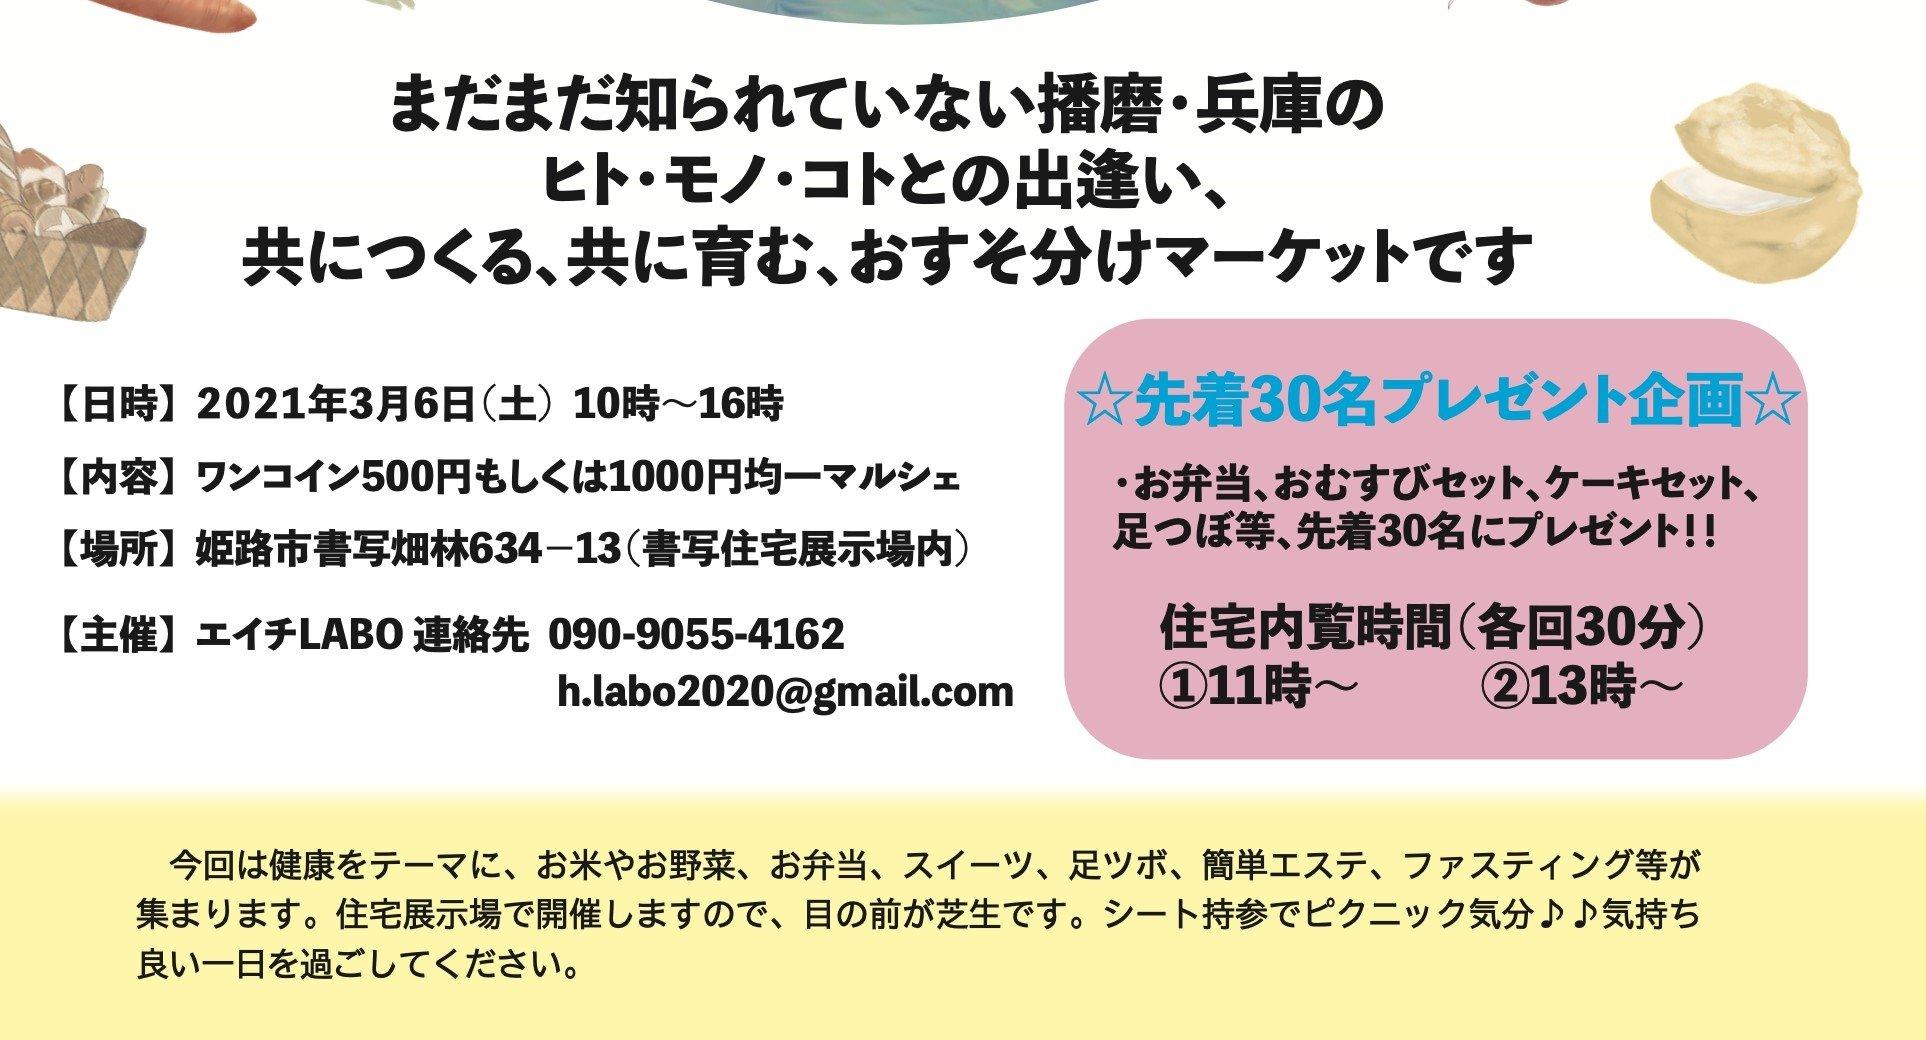 【現地払い専用】3/6限定 おすそ分けマルシェ参加券のイメージその1